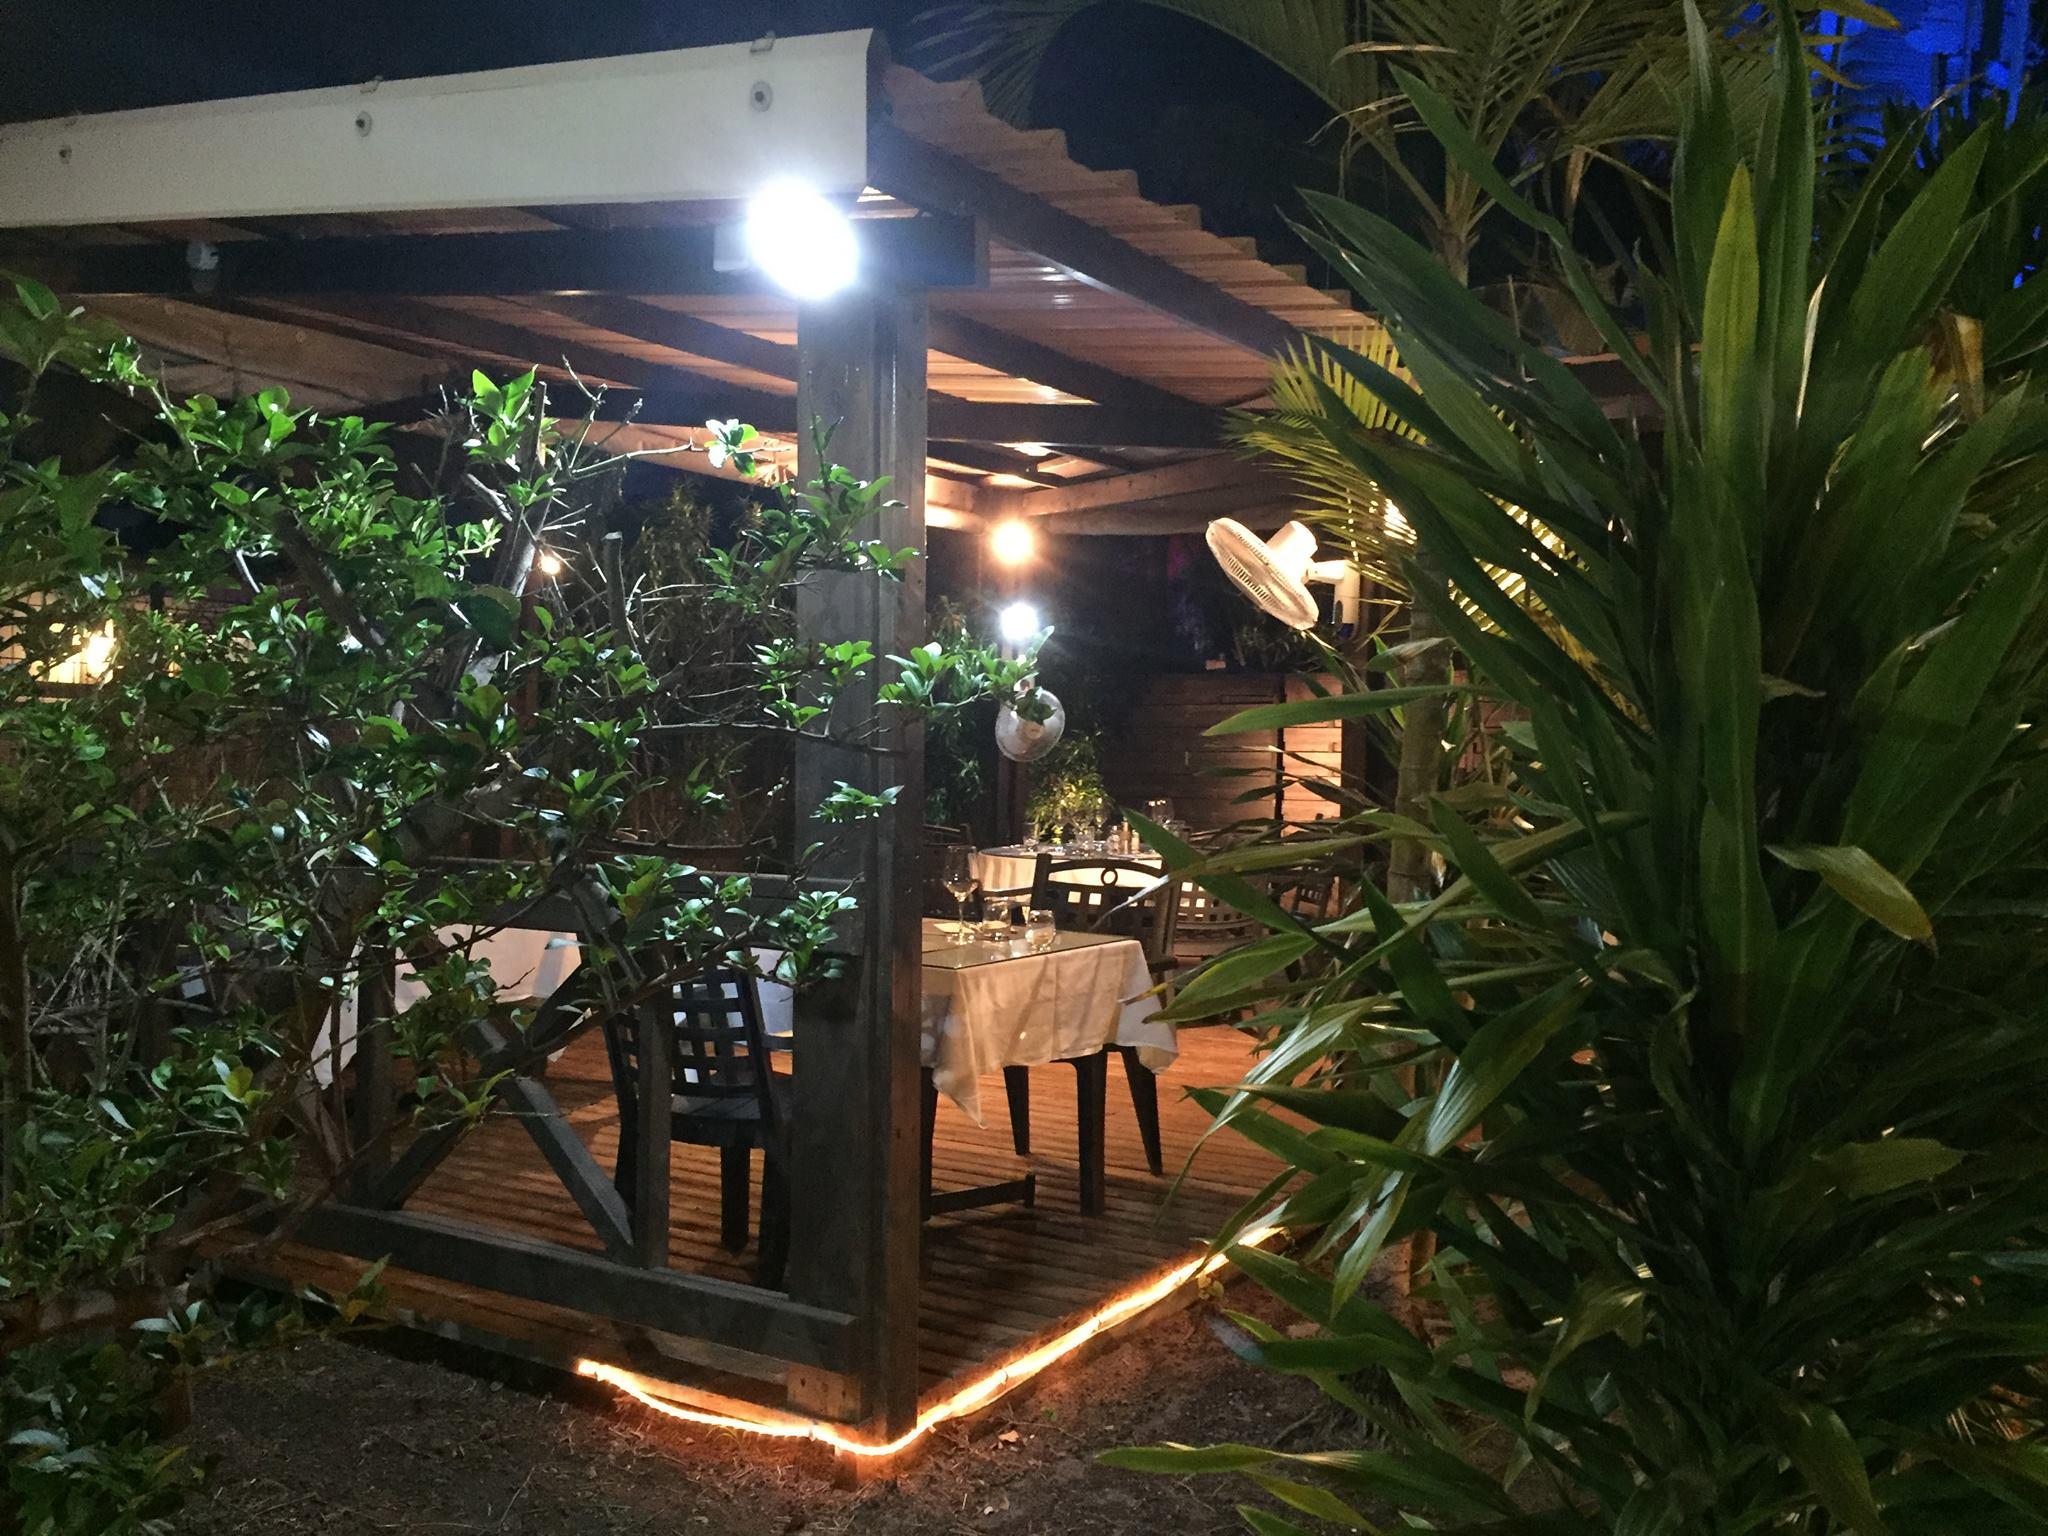 Ouest la r union site officiel de l 39 office de tourisme for Restaurant le jardin des sens